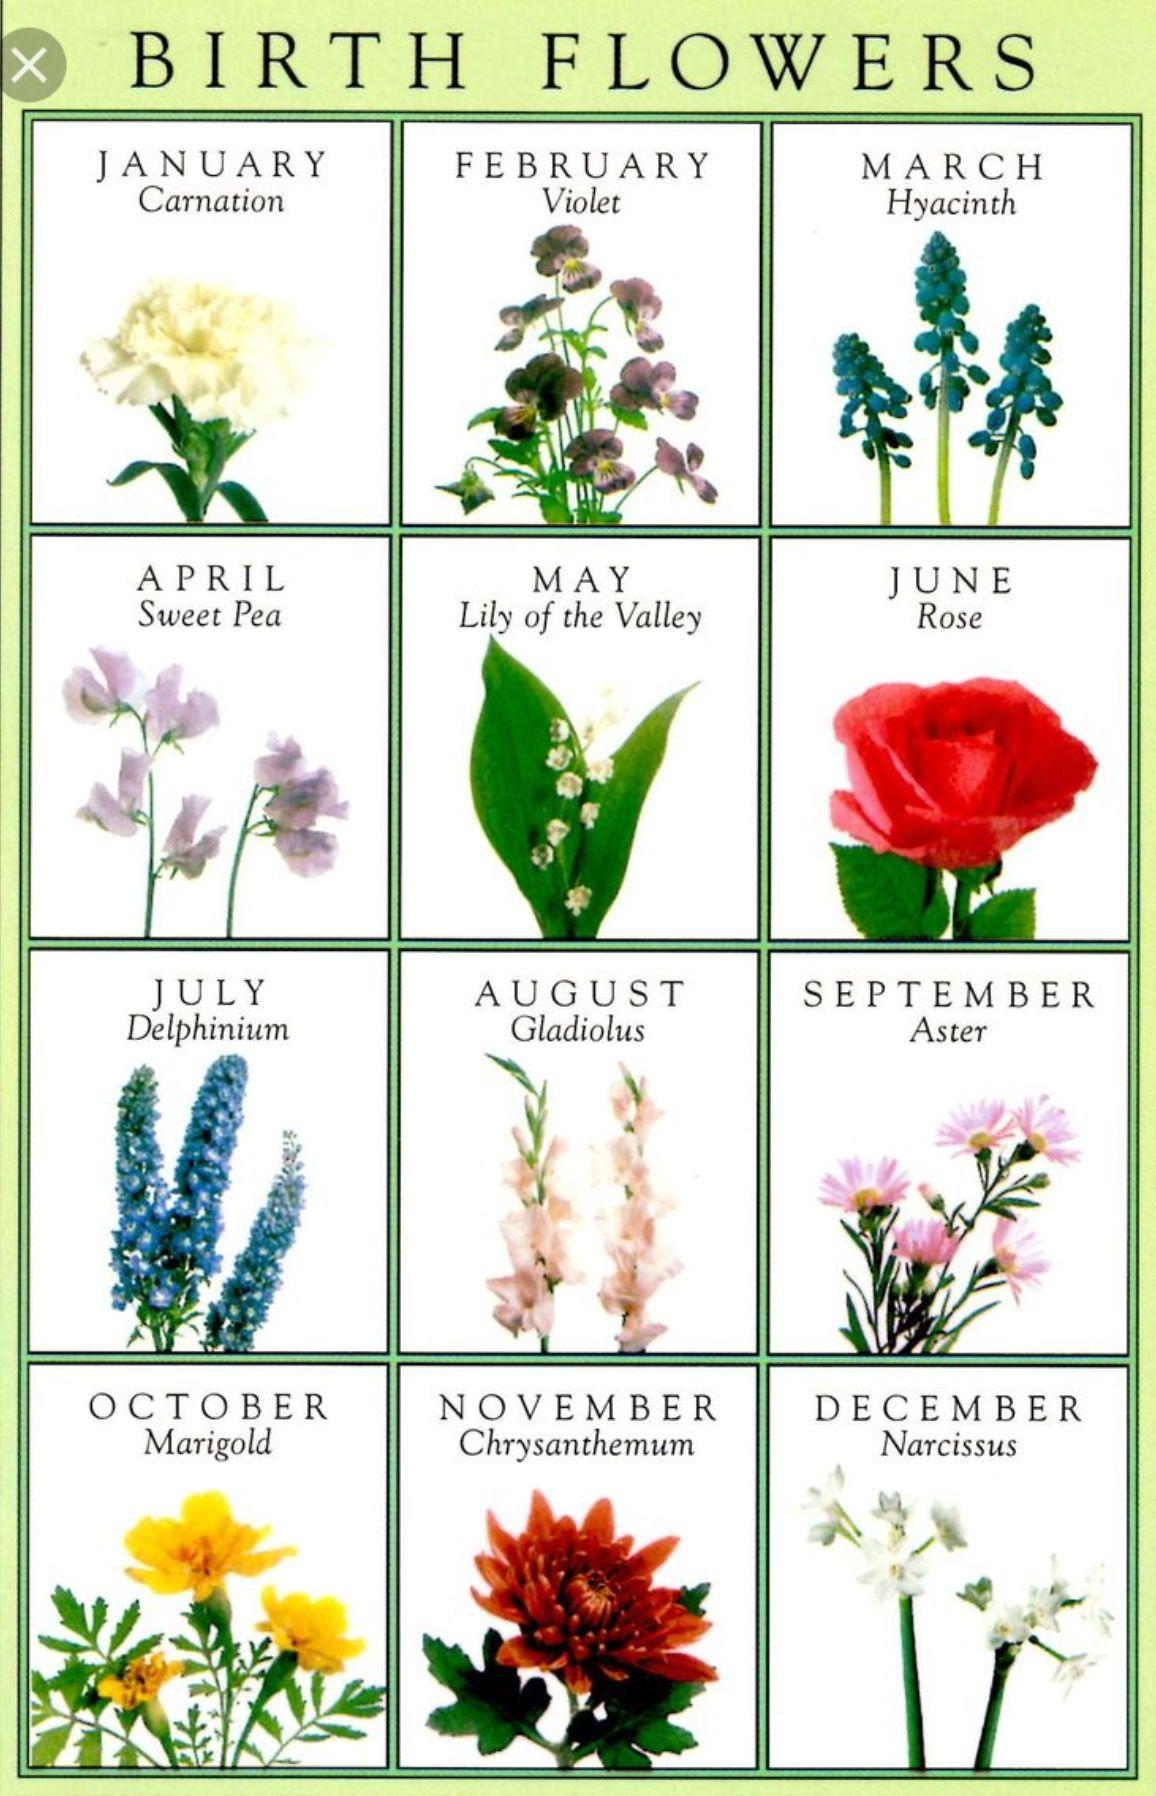 Birth flowers Birth flower tattoos, Birth month flowers